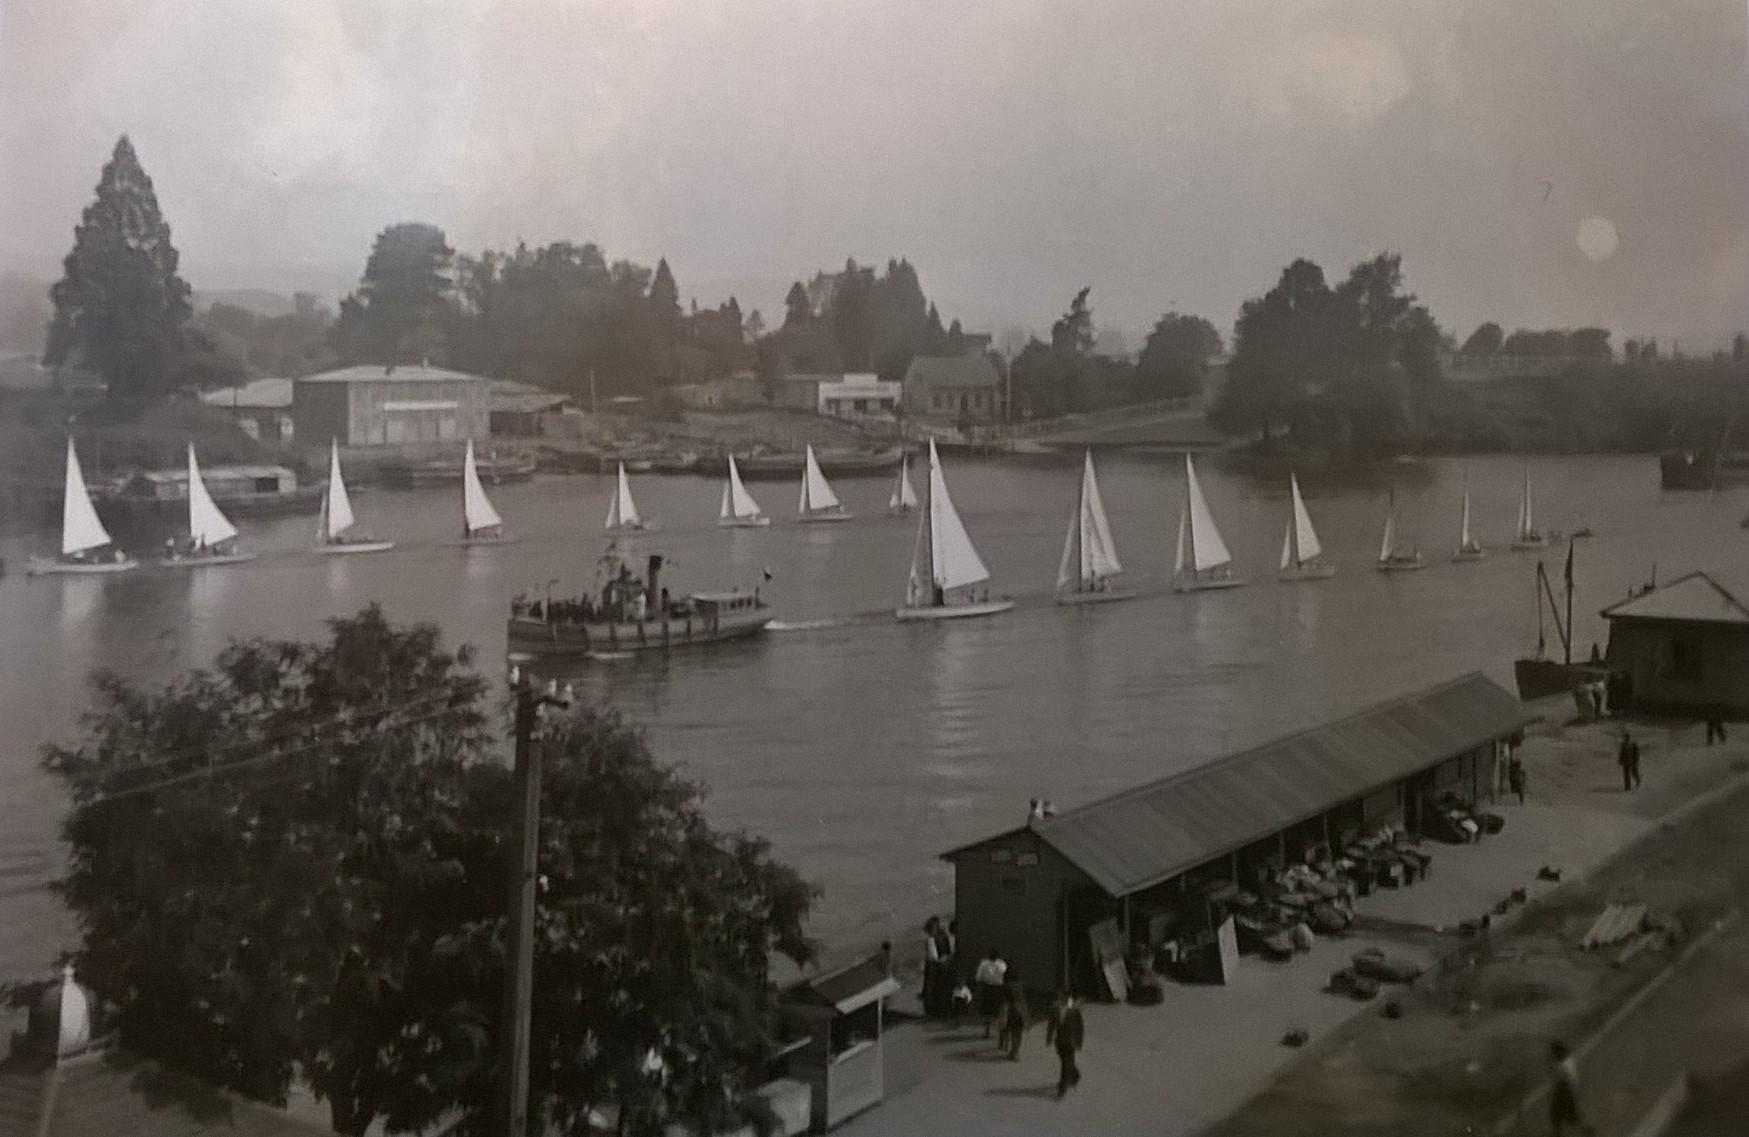 Enterreno - Fotos históricas de chile - fotos antiguas de Chile - Veleros en el Río Calle Calle en 1930